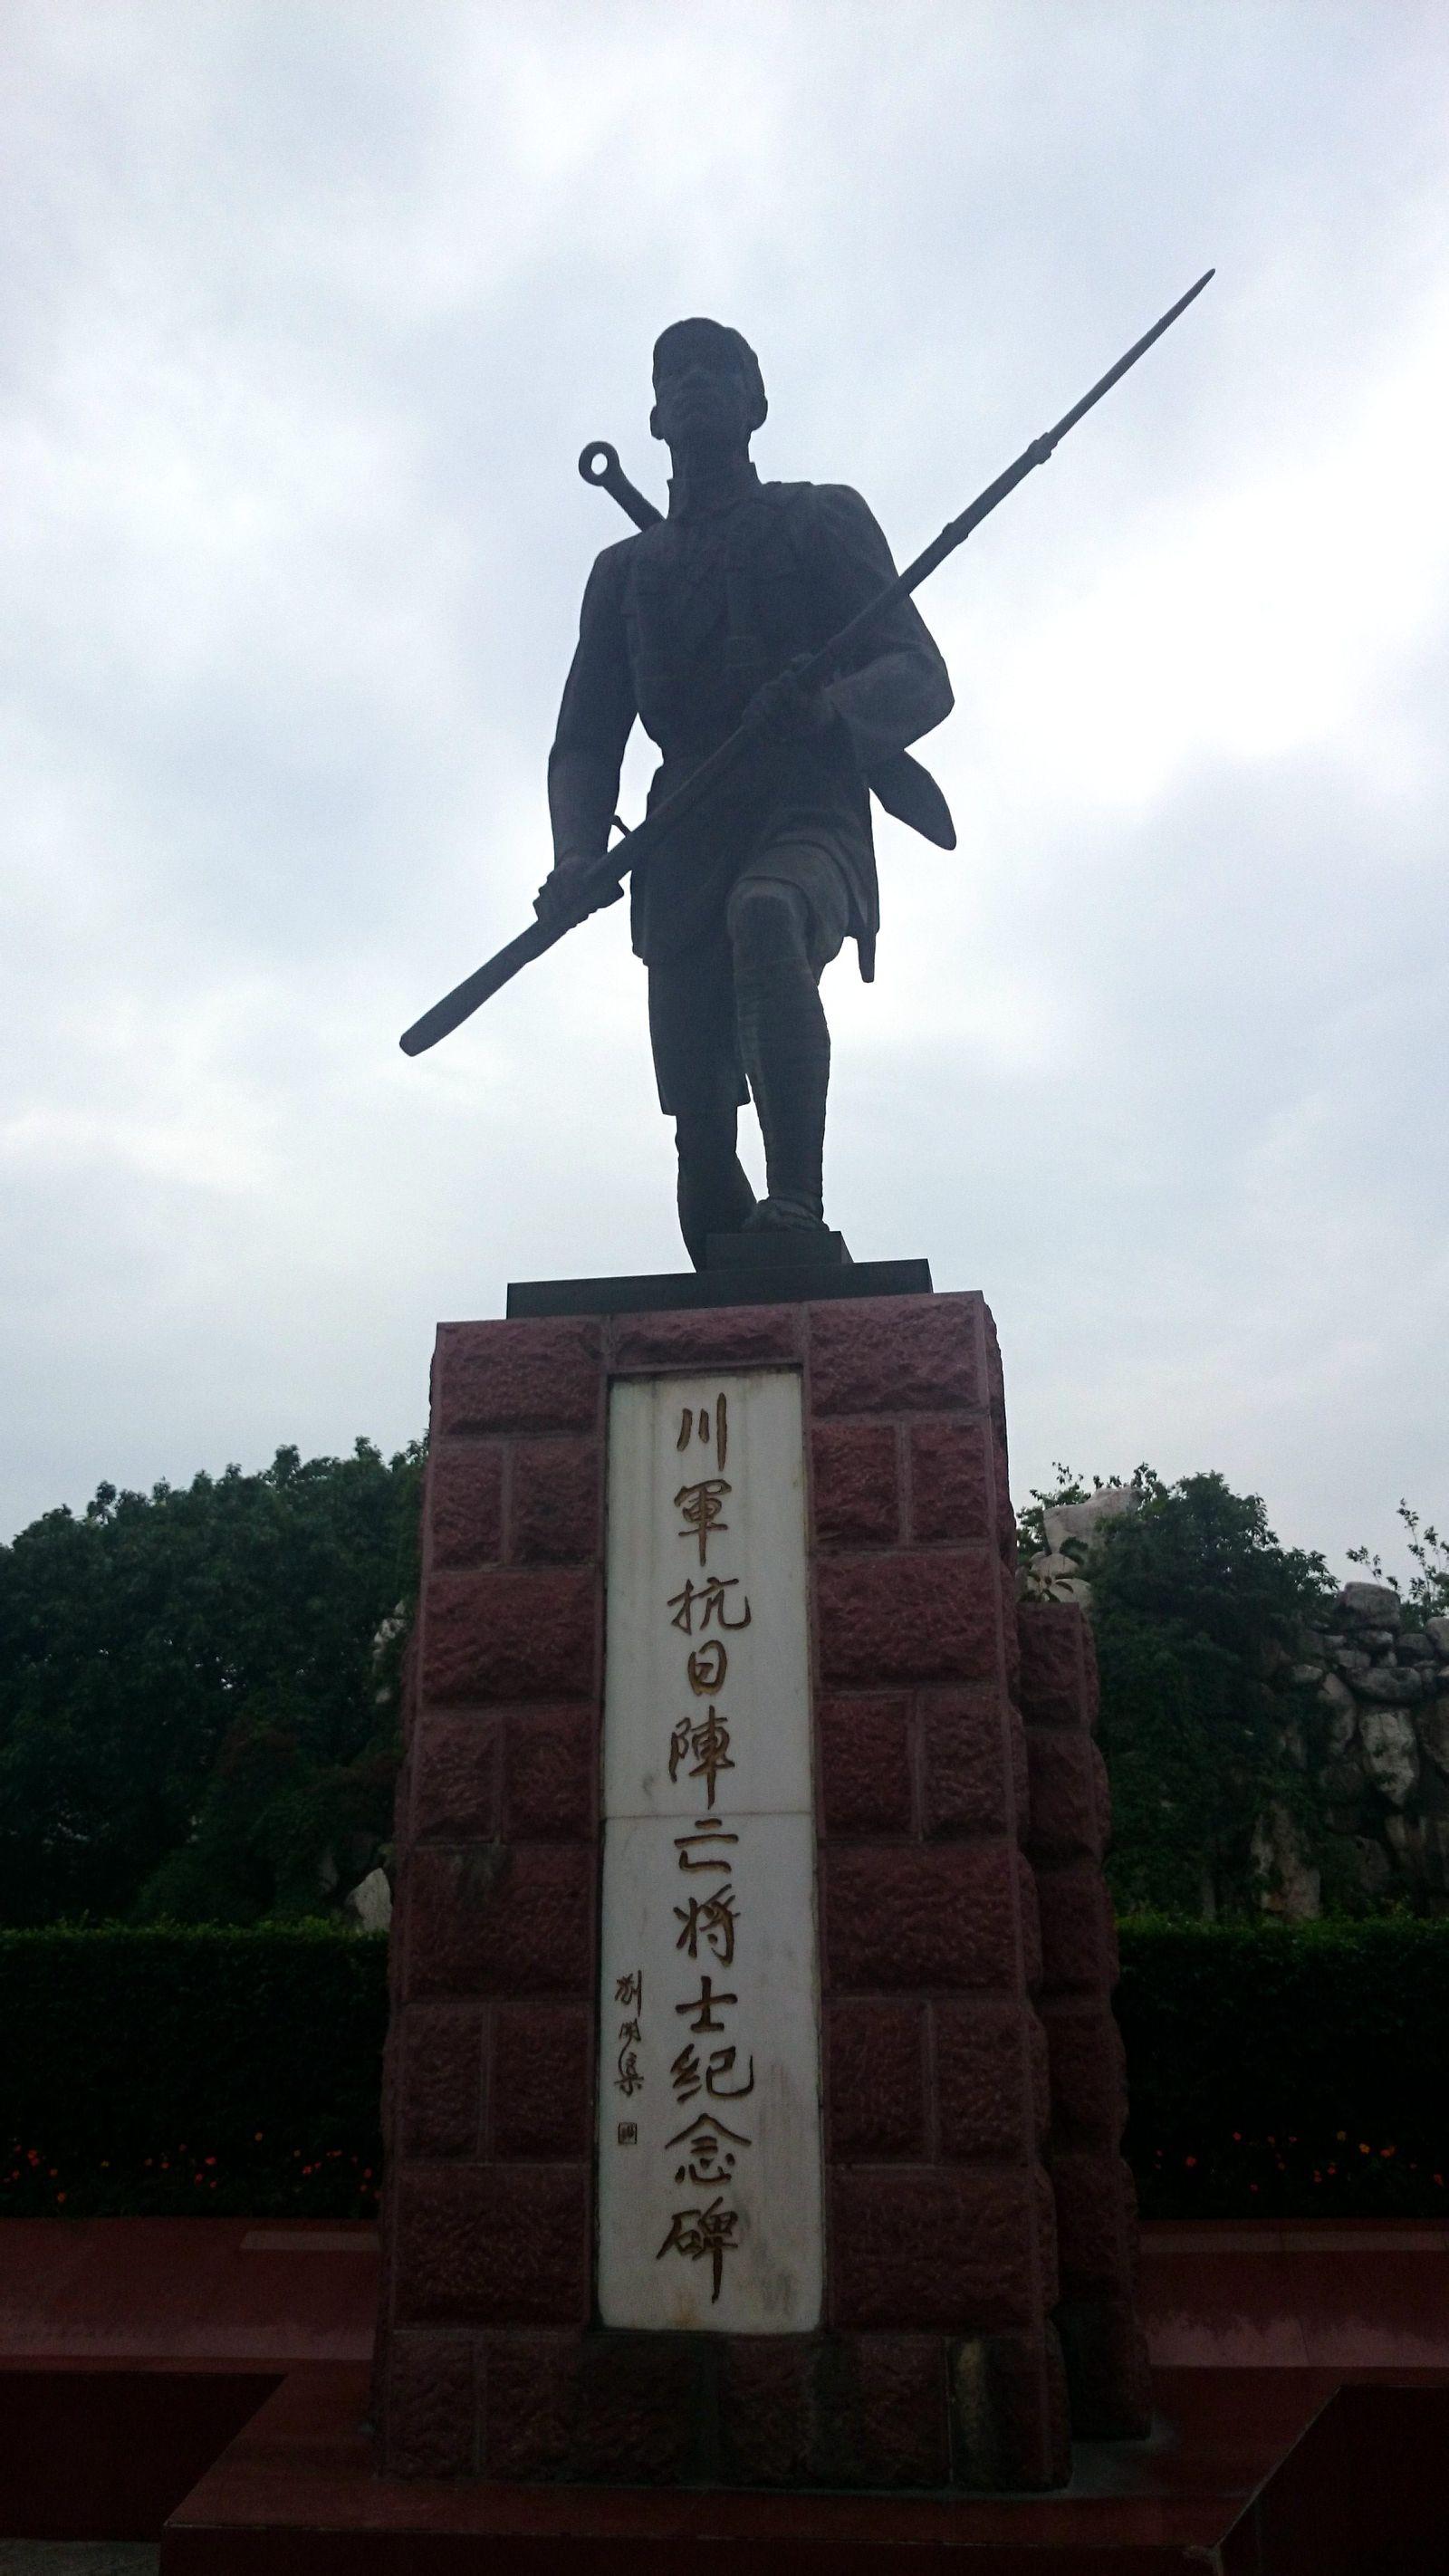 """川军抗日阵亡将士纪念碑 (又名""""无名英雄纪念碑"""")位于四川省成都市"""